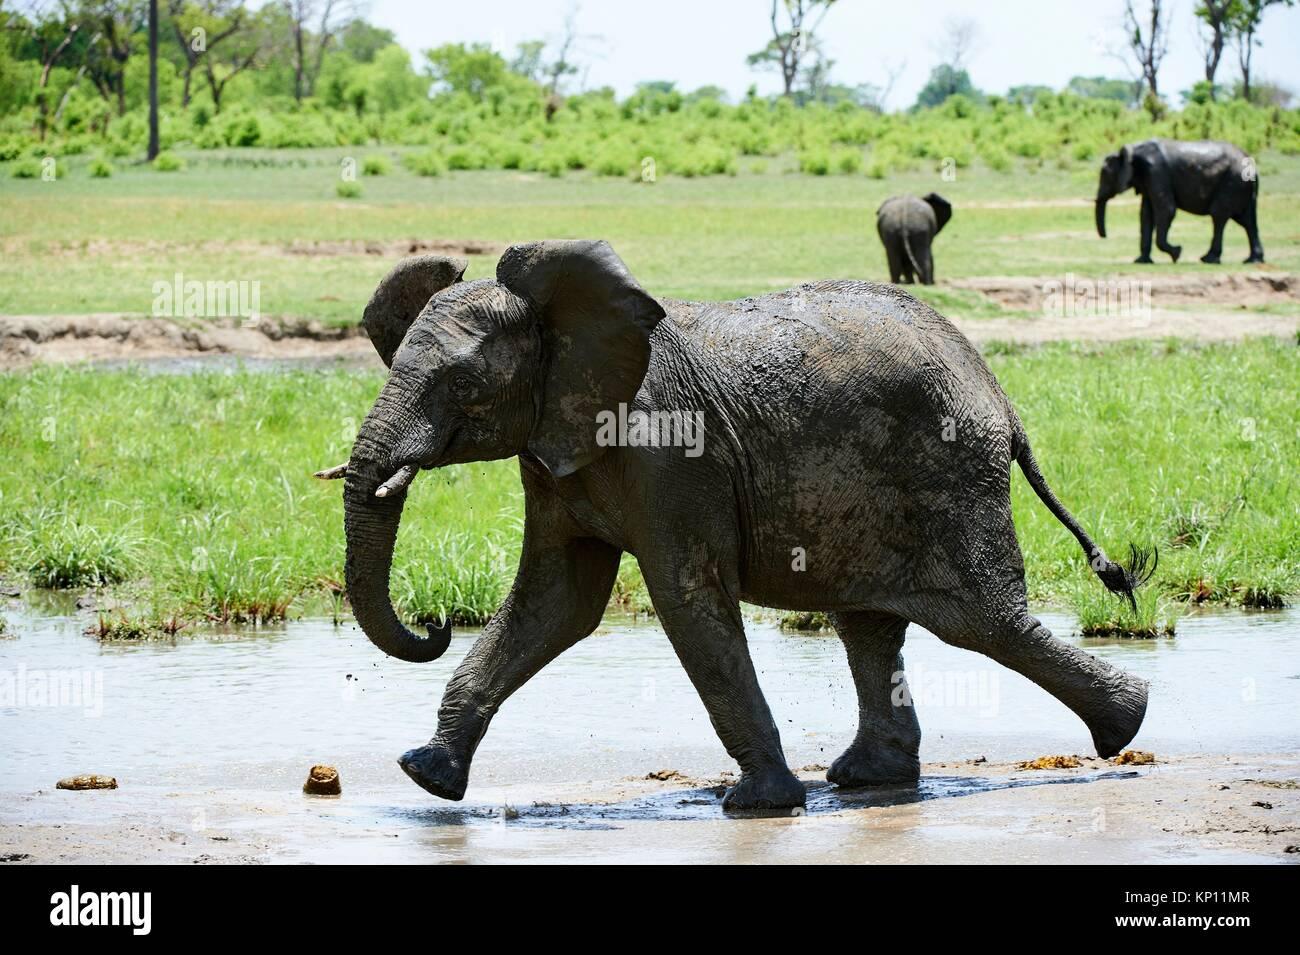 Young African elephant (Loxodonta africana) walking near waterhole. Hwange National Park, Zimbabwe. - Stock Image